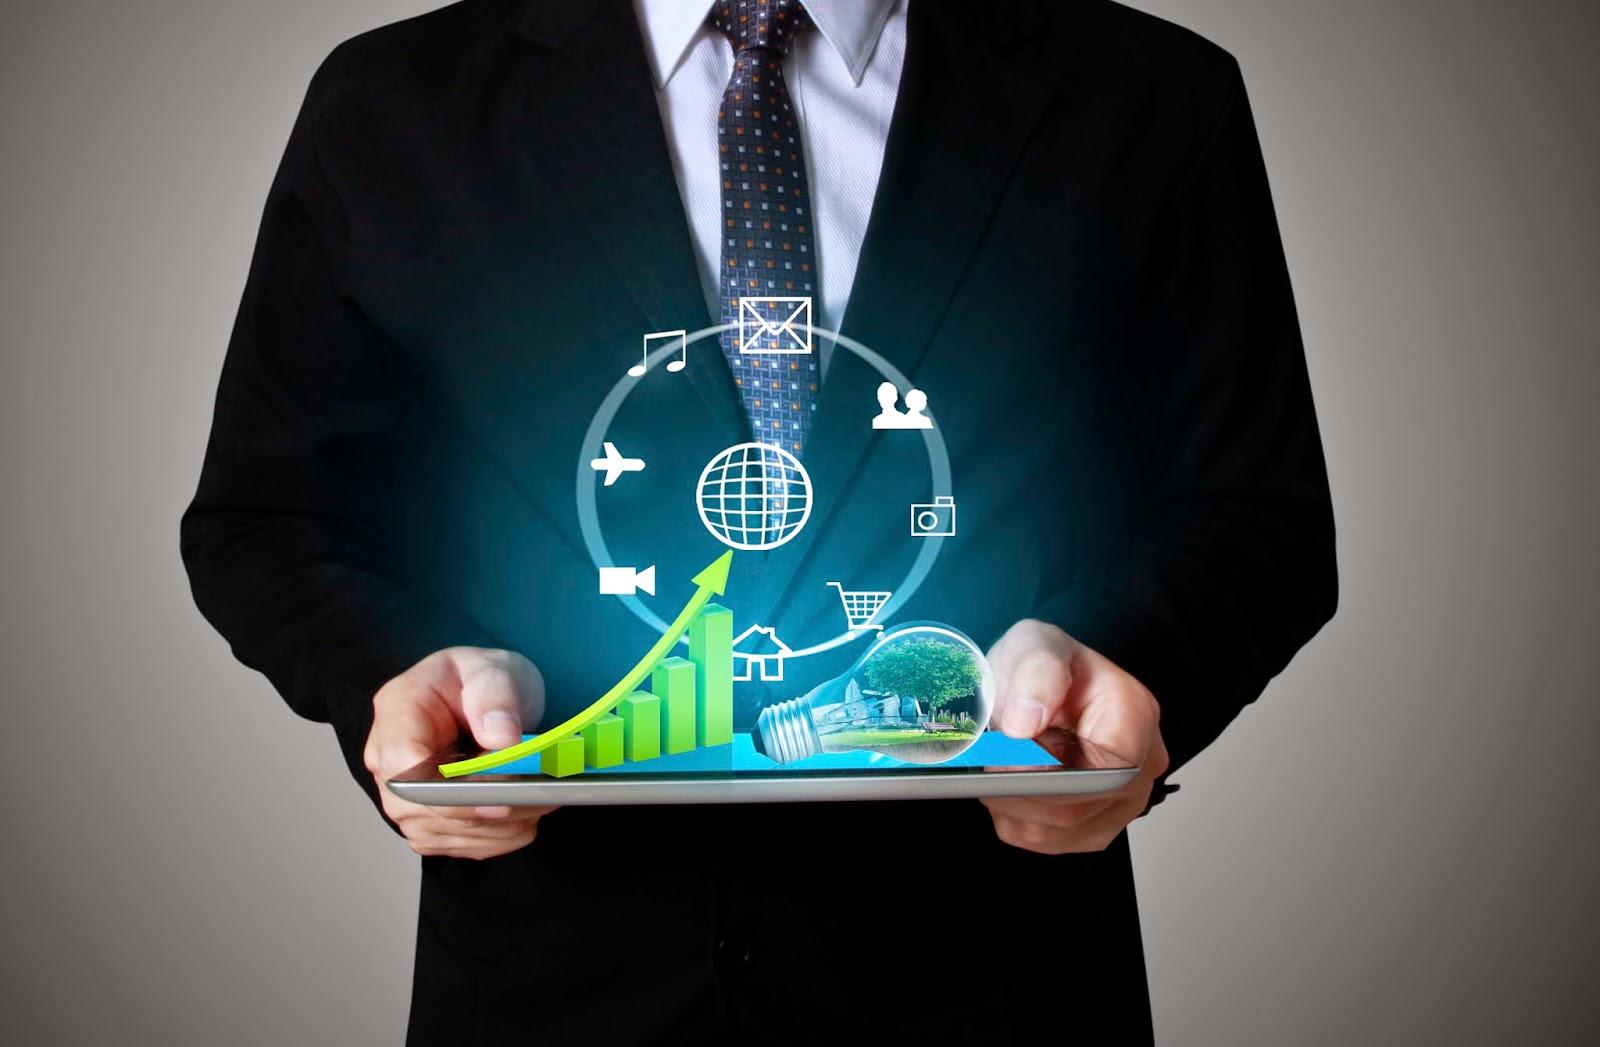 Pertimbangan dalam Memanfaatkan Digital Advertising